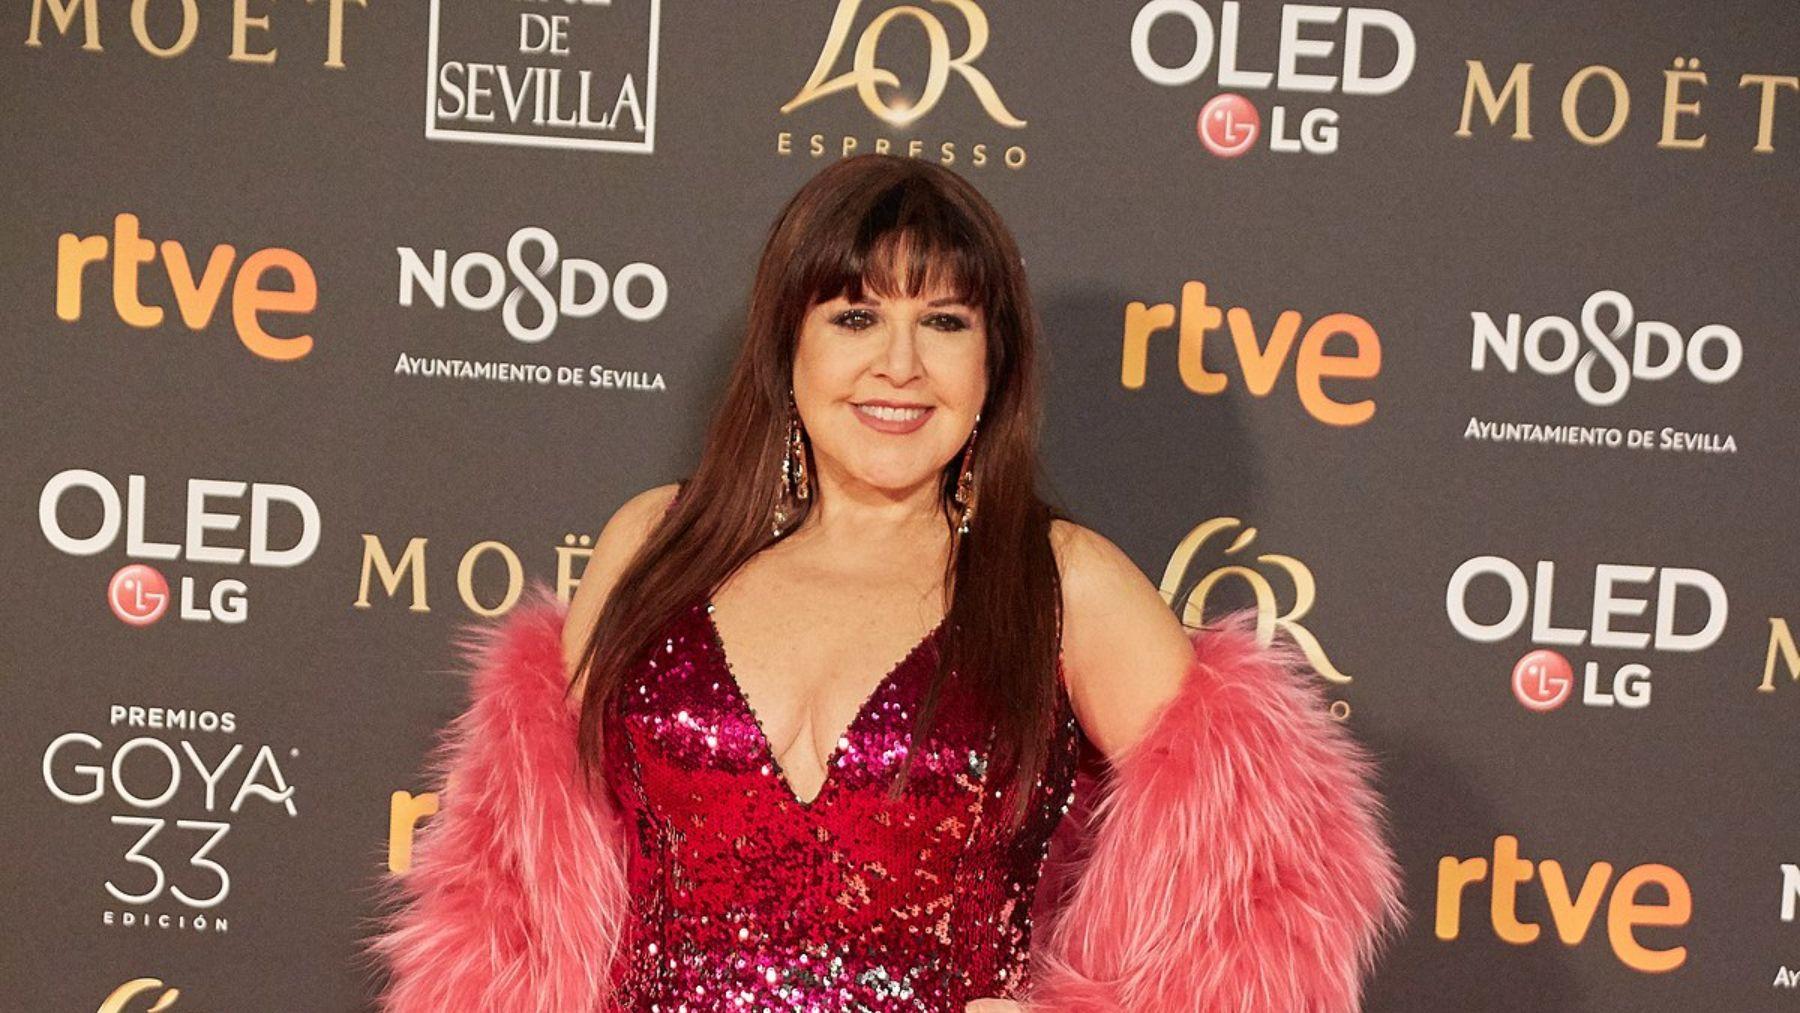 Hoy se celebra el nombre de María Dolores, que es como se llama la actriz Loles León